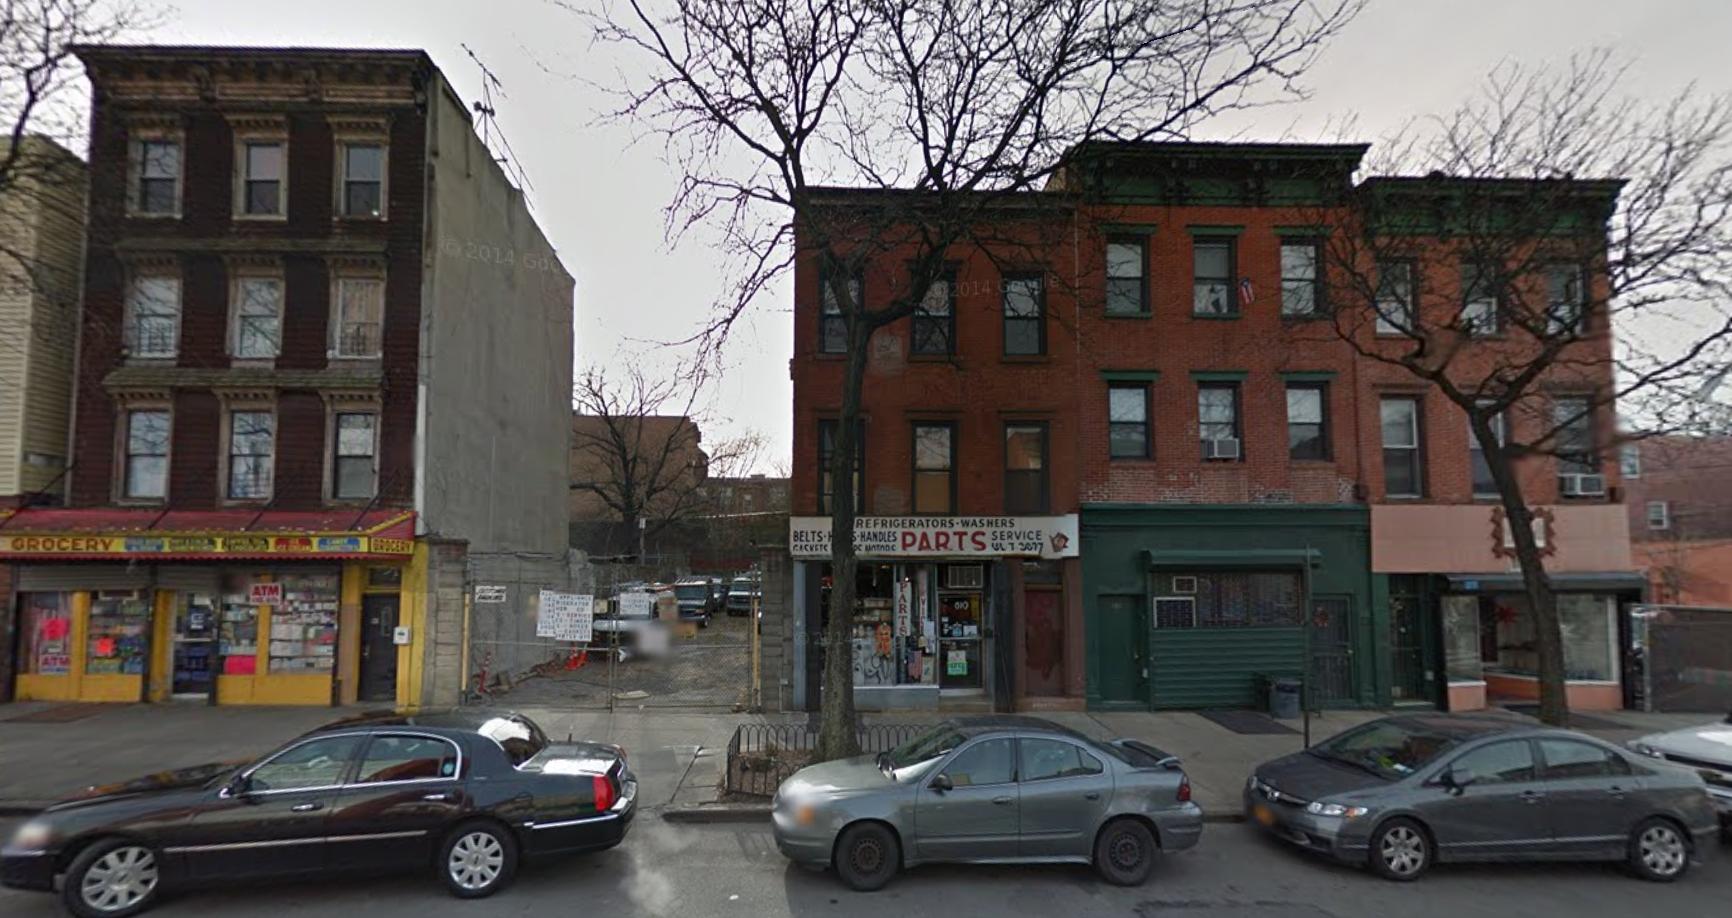 610 Myrtle Avenue, image via Google Maps